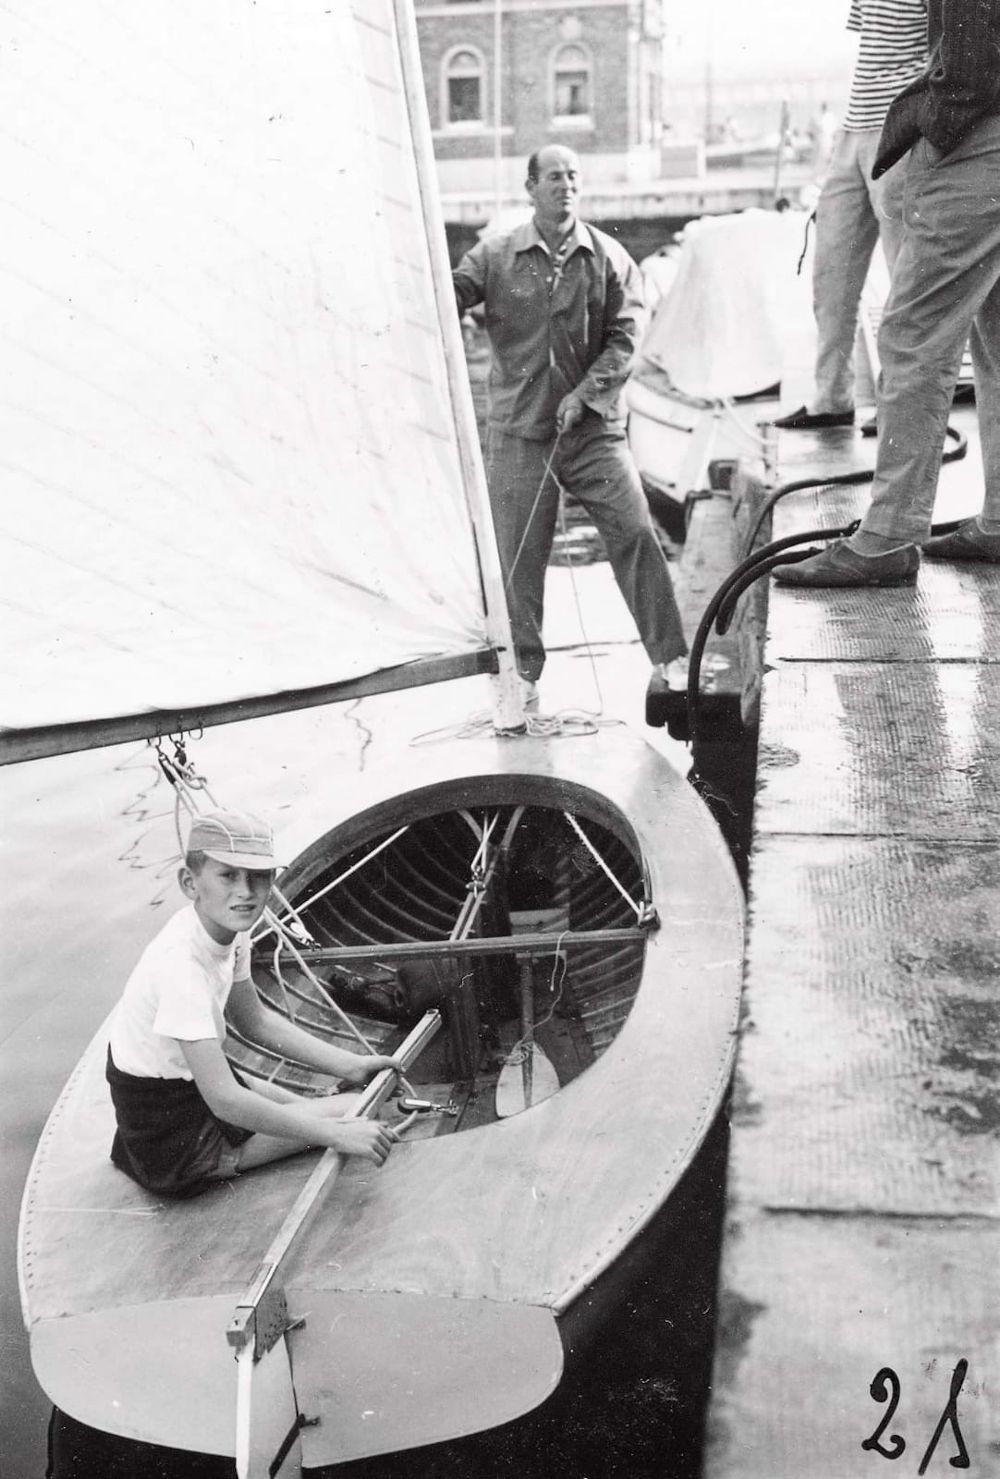 Velisti Italiani - Mauro Pelaschier a 10 anni aiutato da suo Padre Adelchi ad armare la barca